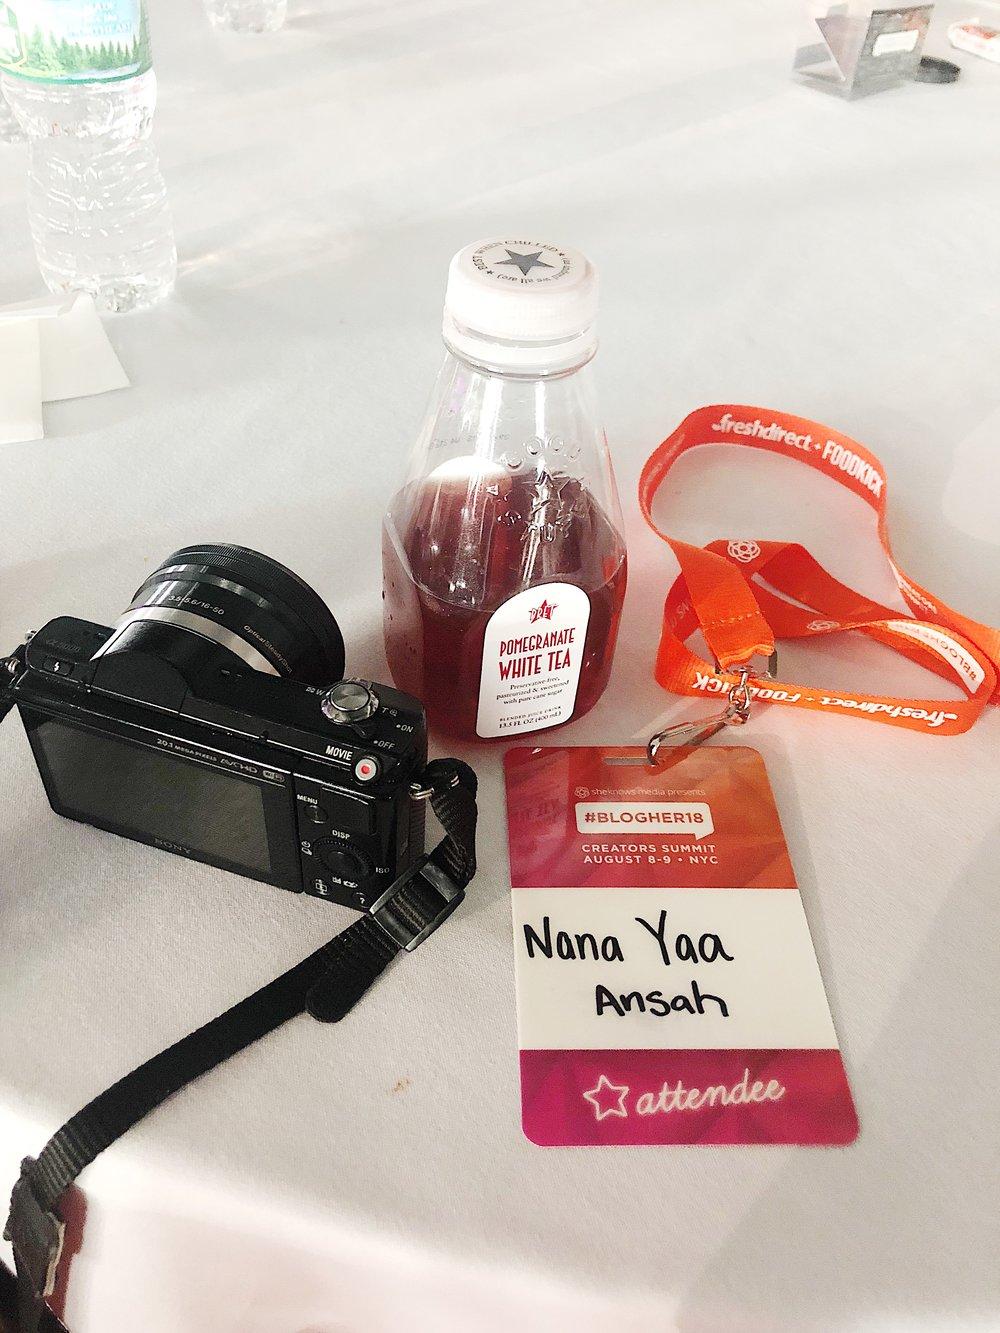 The Midi Maven BlogHer 18 Creators Summit - tools